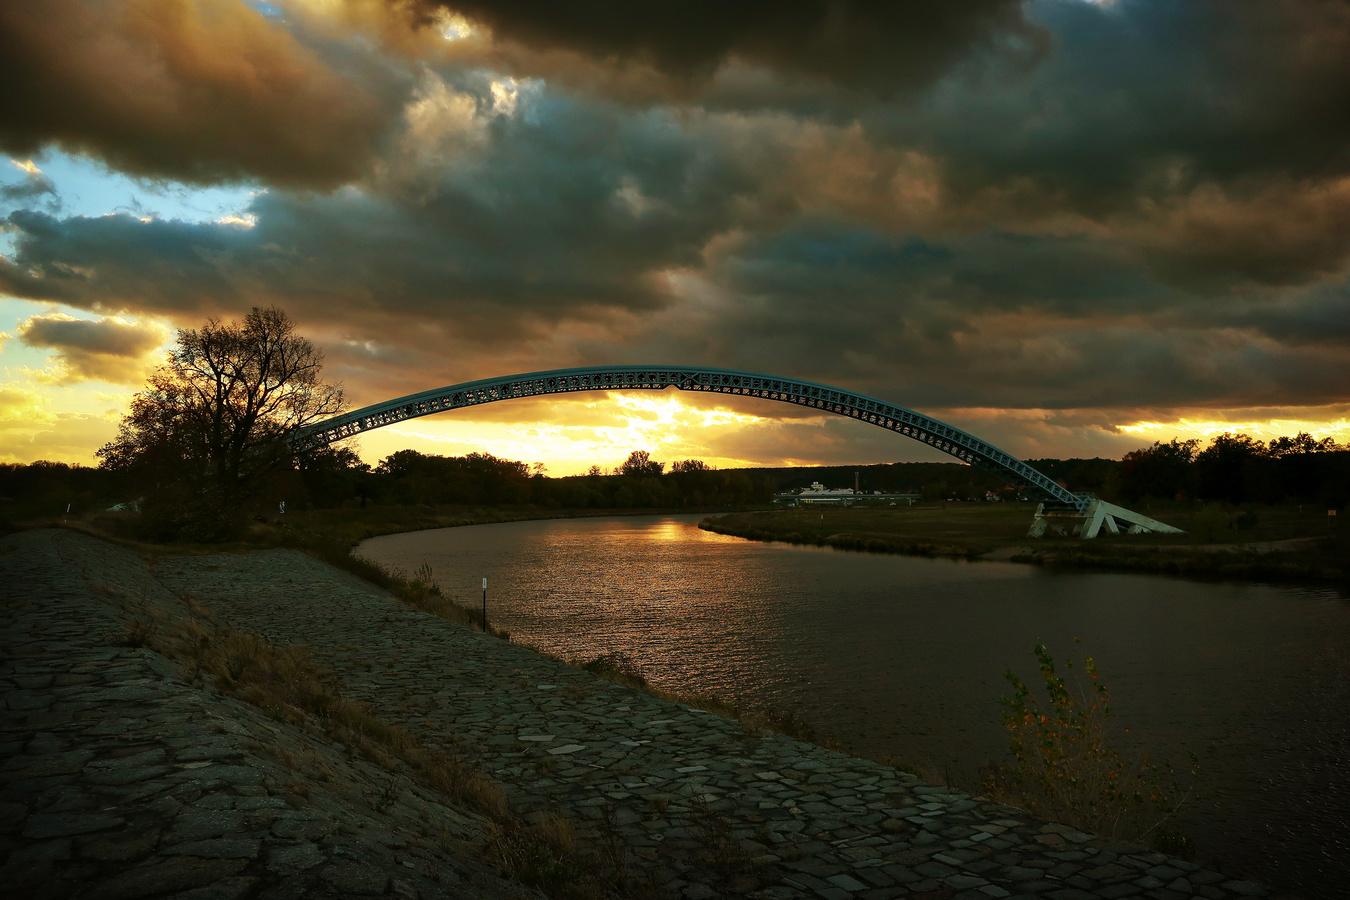 Oblouk nad řekou